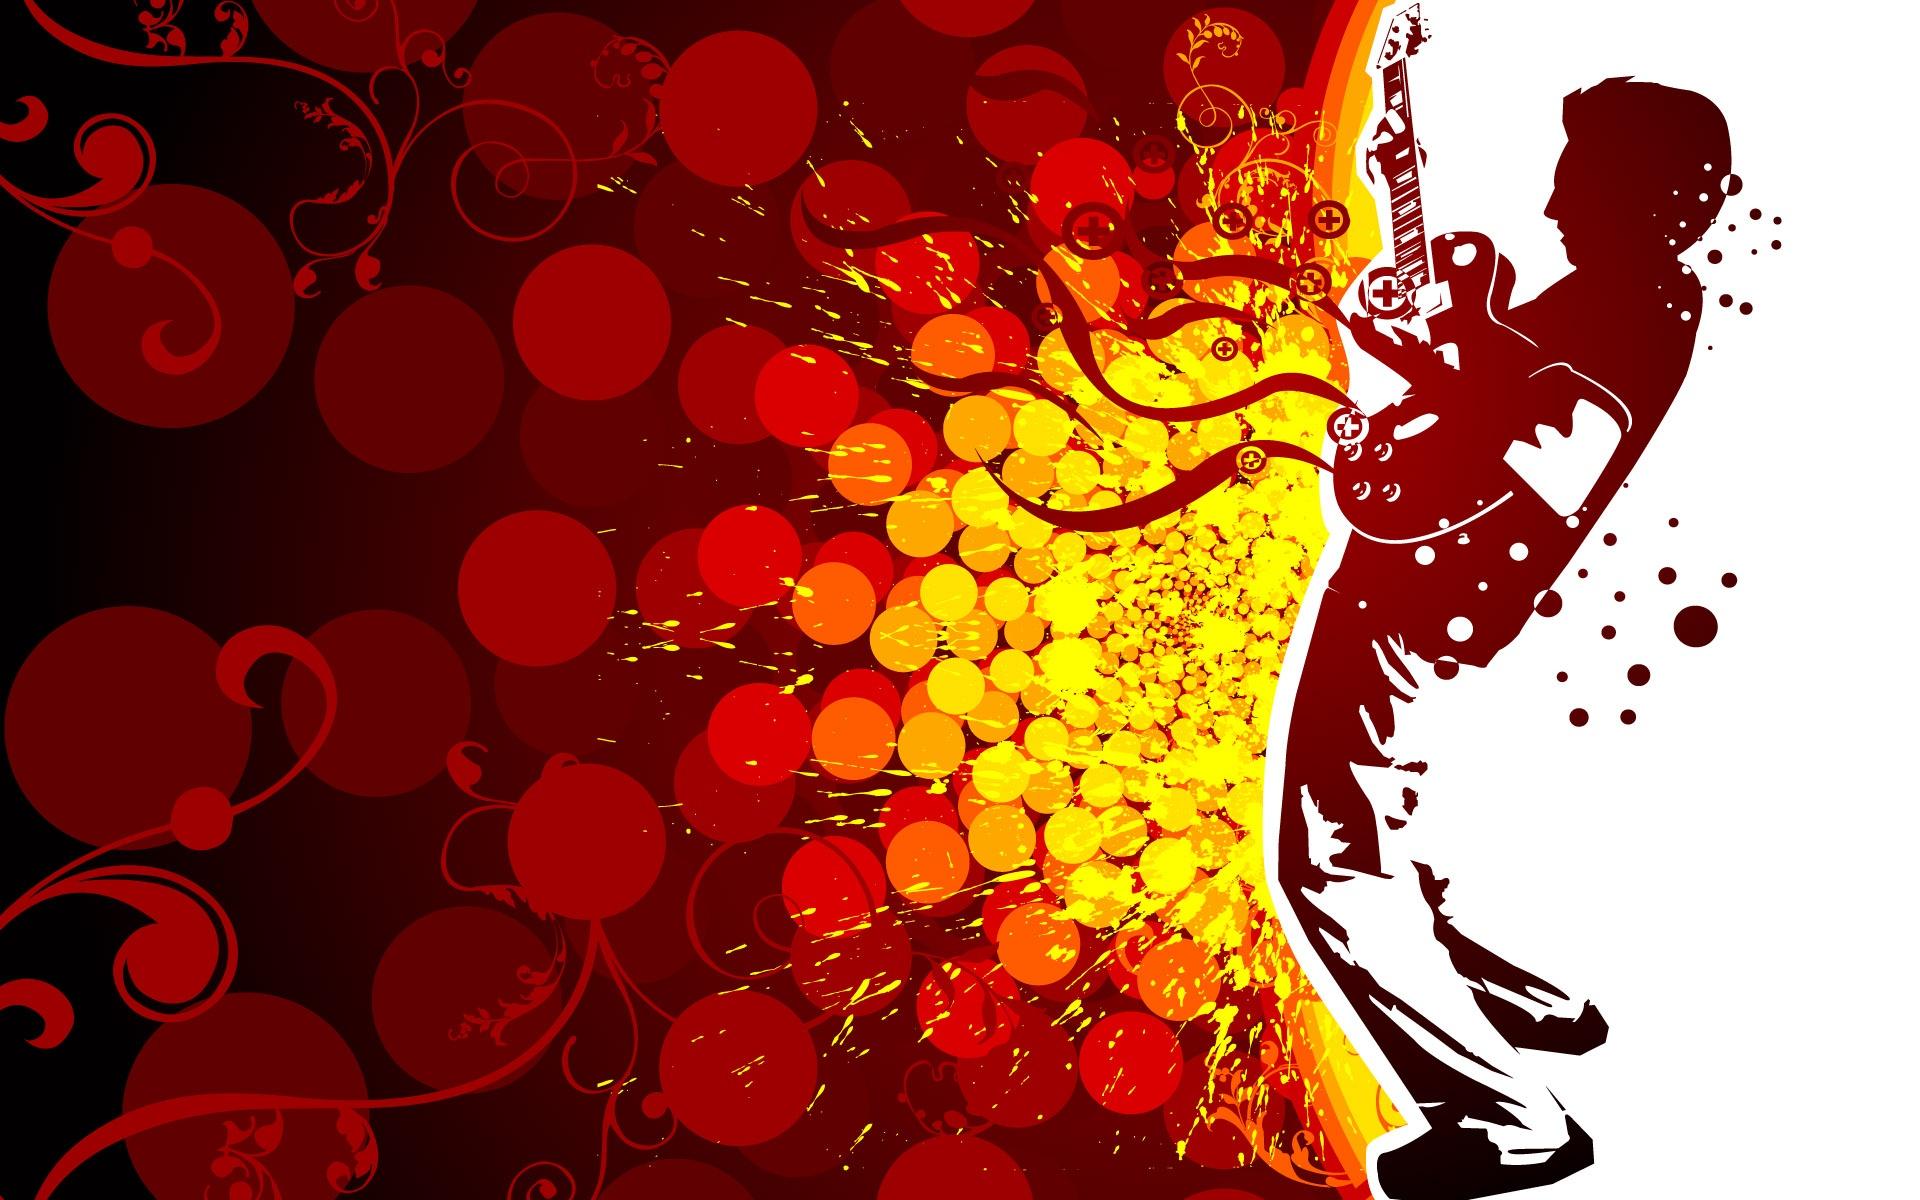 http://2.bp.blogspot.com/-TWVs9ujs1dk/UDifww_9TsI/AAAAAAAAD84/0vbBhbdd7Nk/s1920/cool-vector-59-1200.jpg